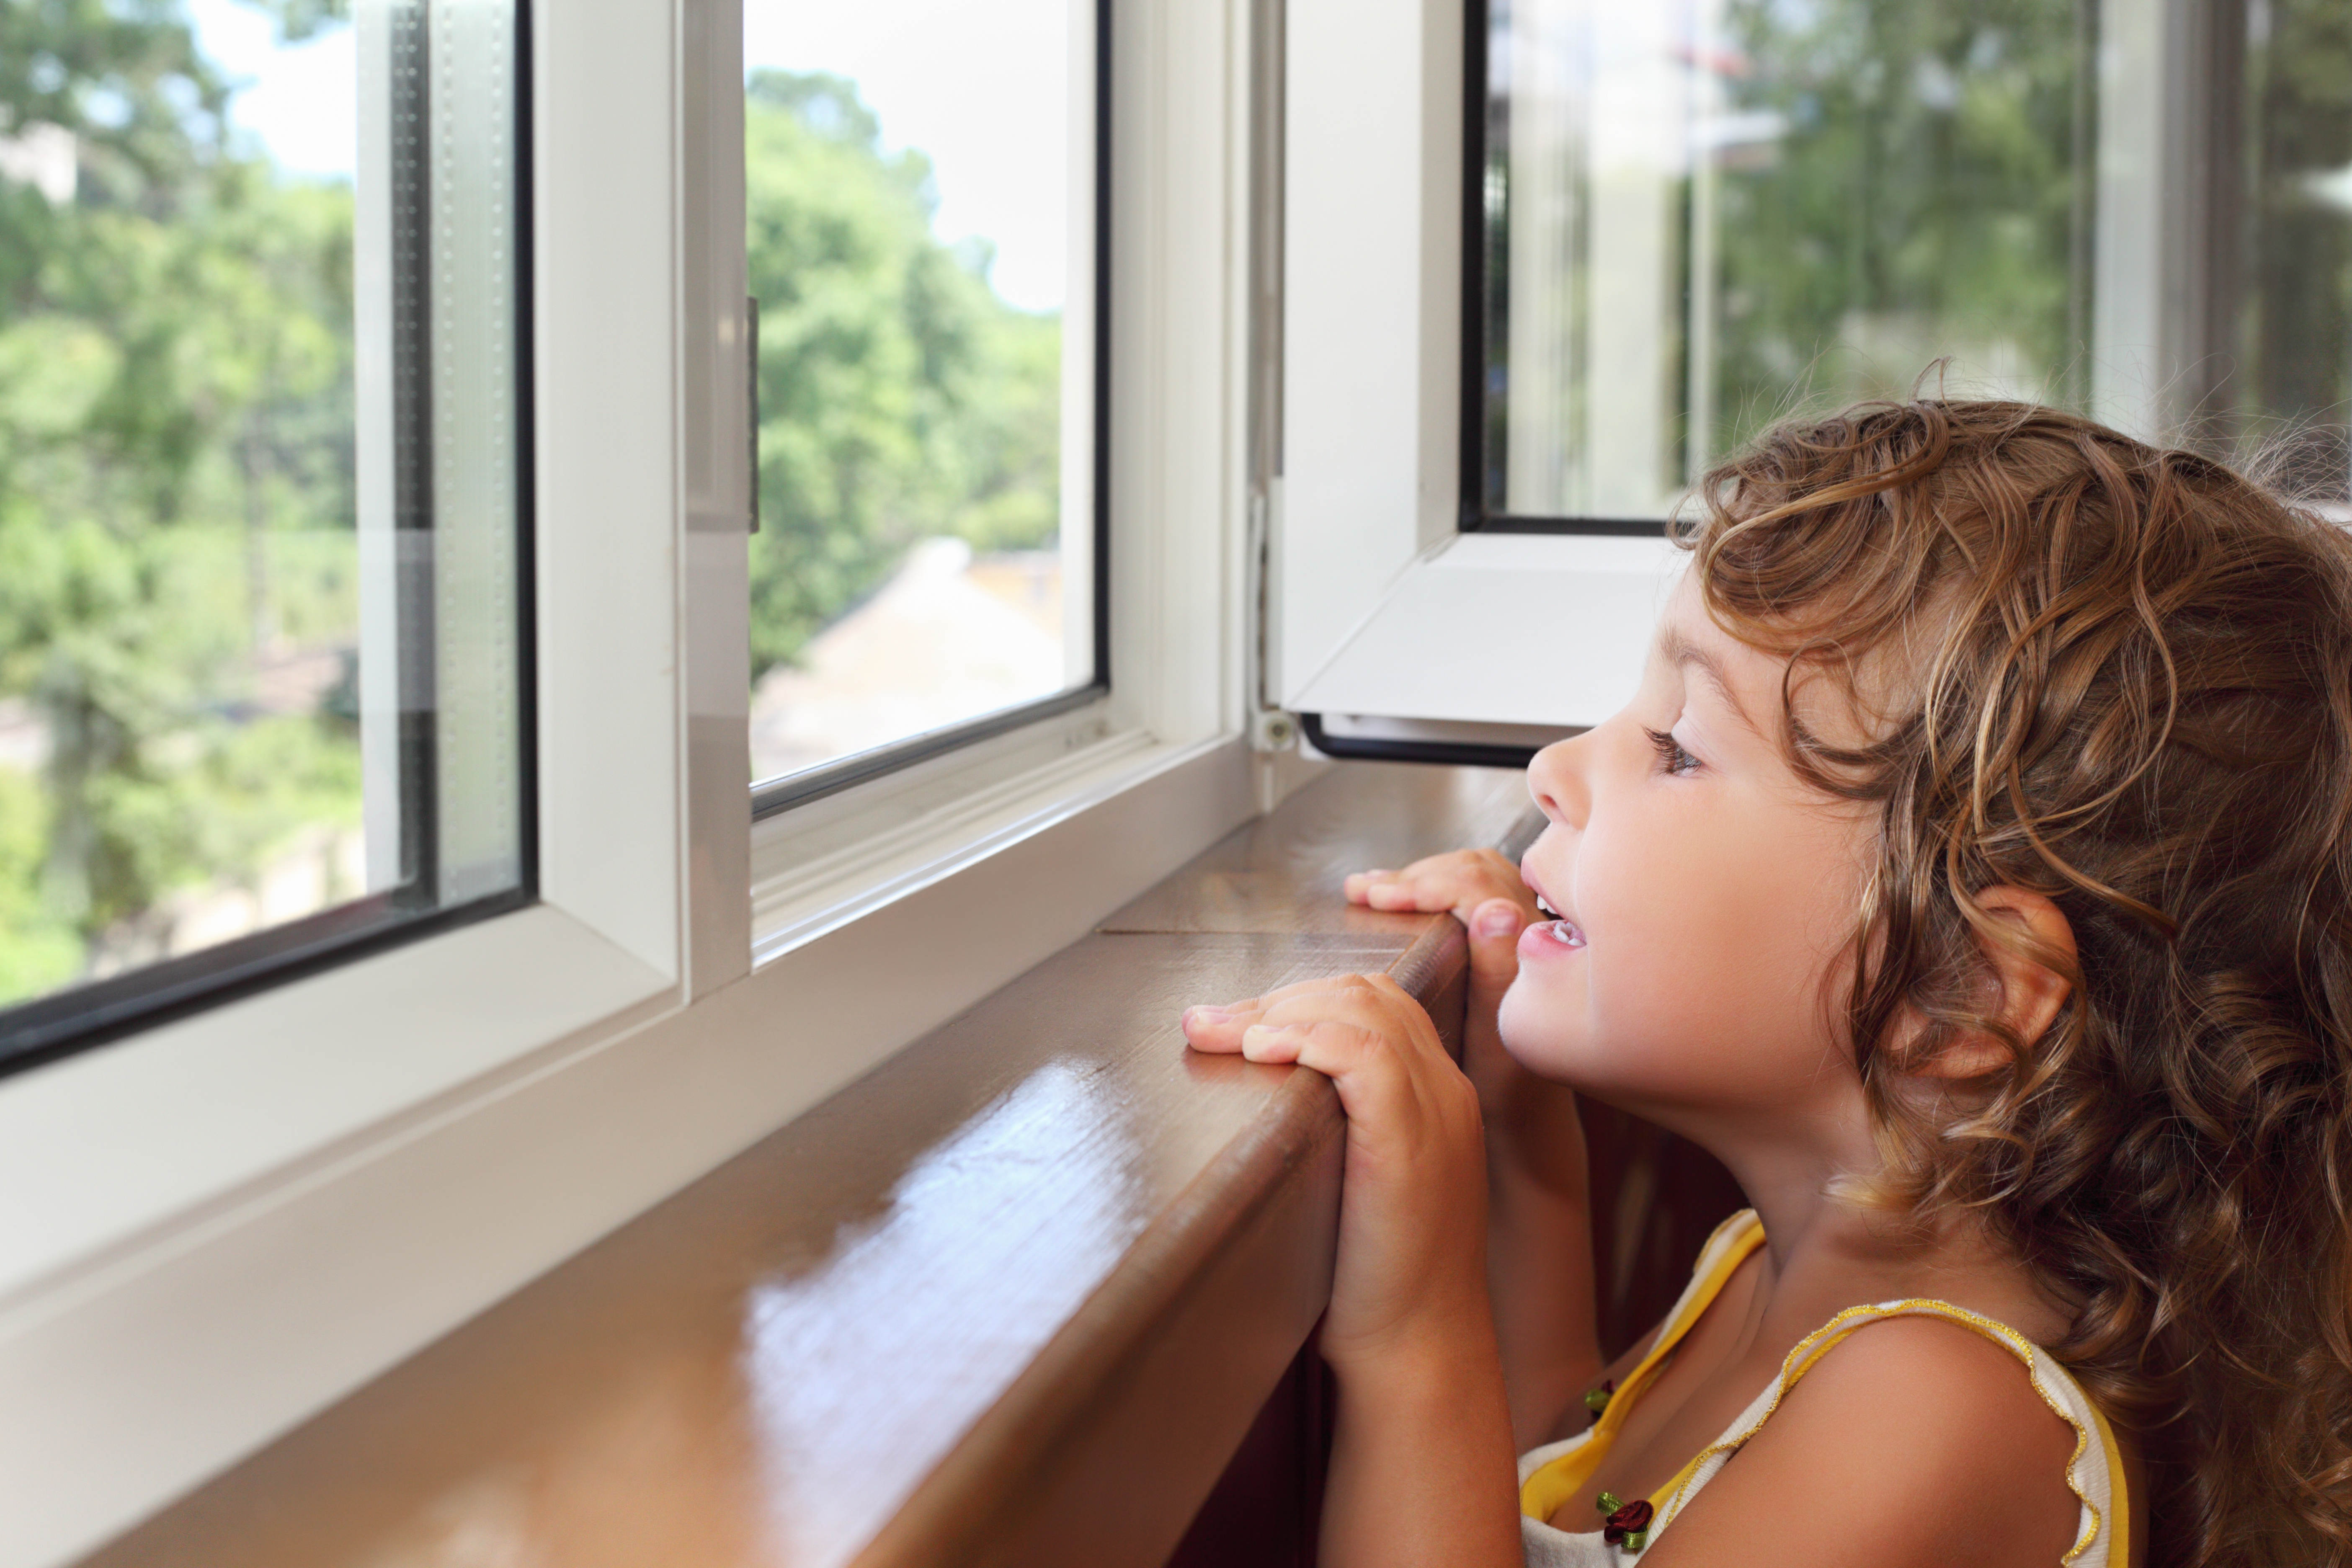 В бердске трехлетняя девочка выпала из окна и погибла imenno.